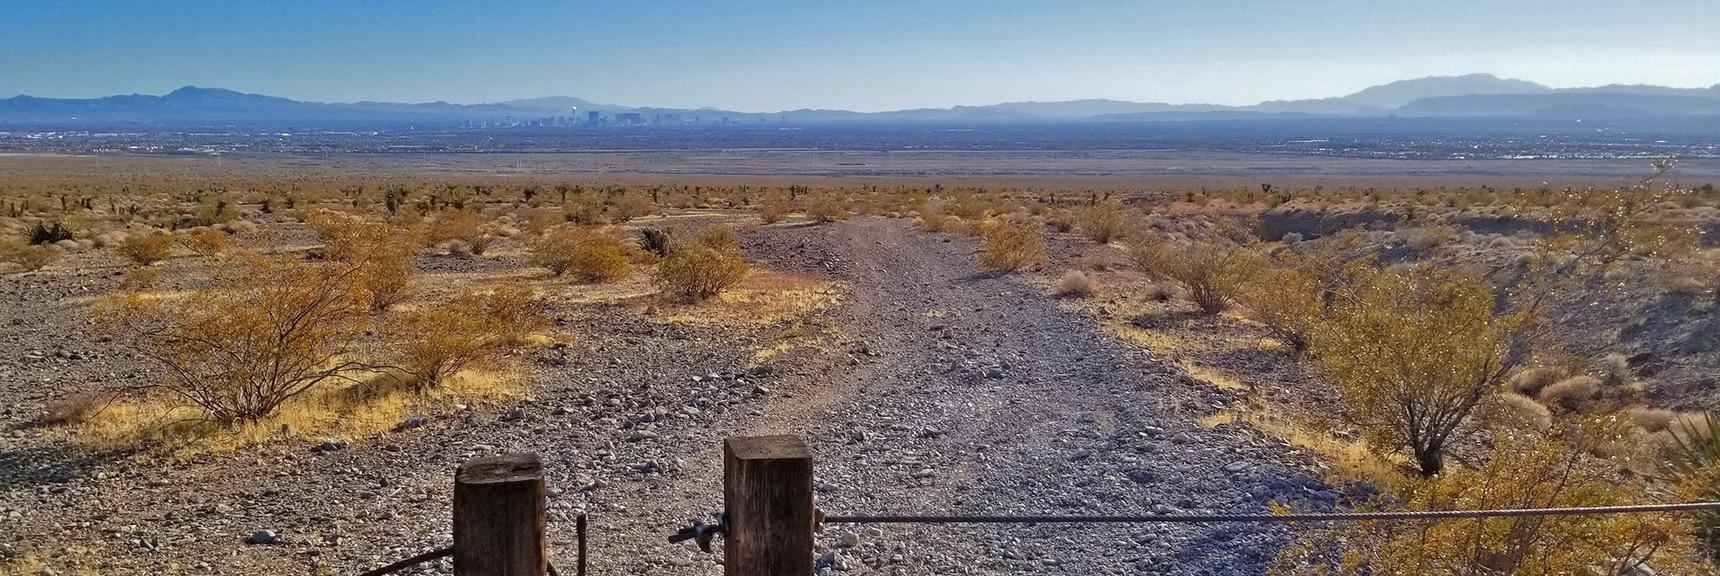 Border of Desert National Wildlife Refuge | Gass Peak Road Circuit | Desert National Wildlife Refuge | Nevada